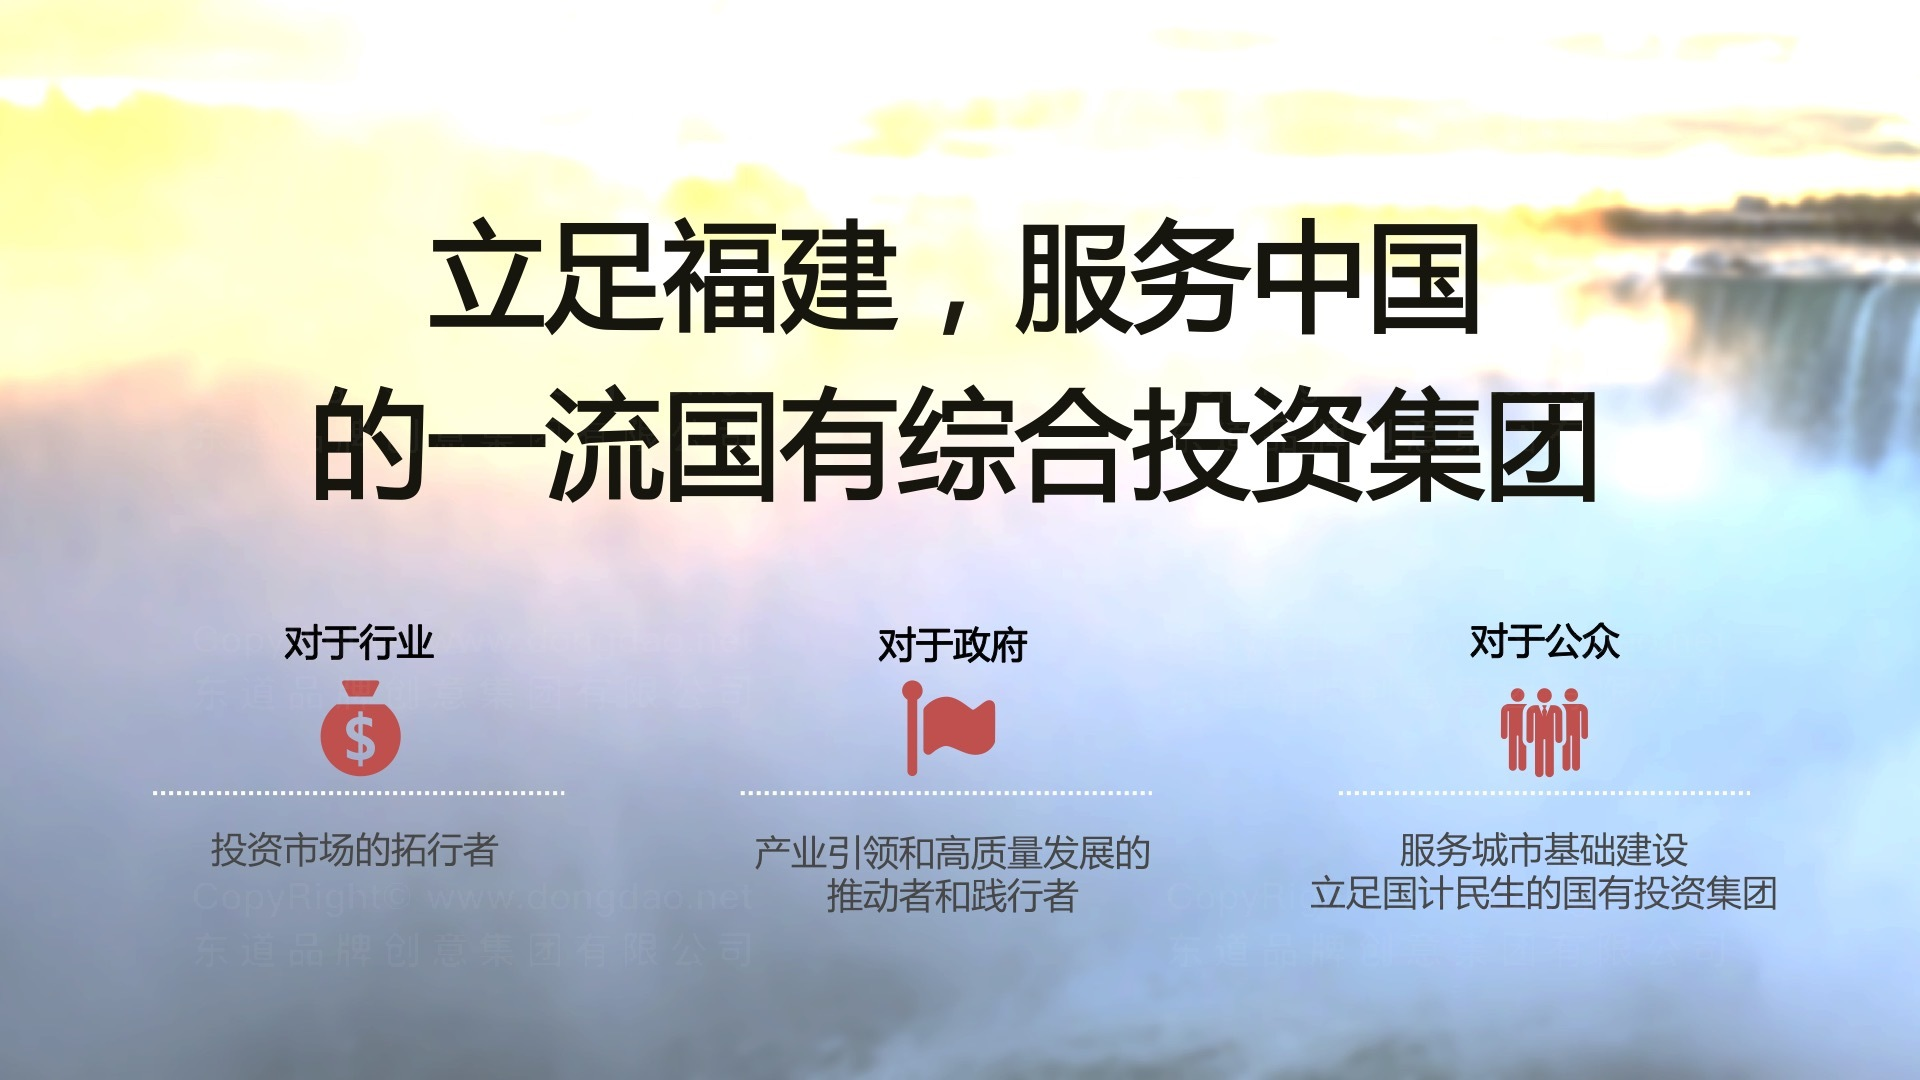 品牌战略&企业文化福建投资集团福建投资集团品牌战略应用场景_1